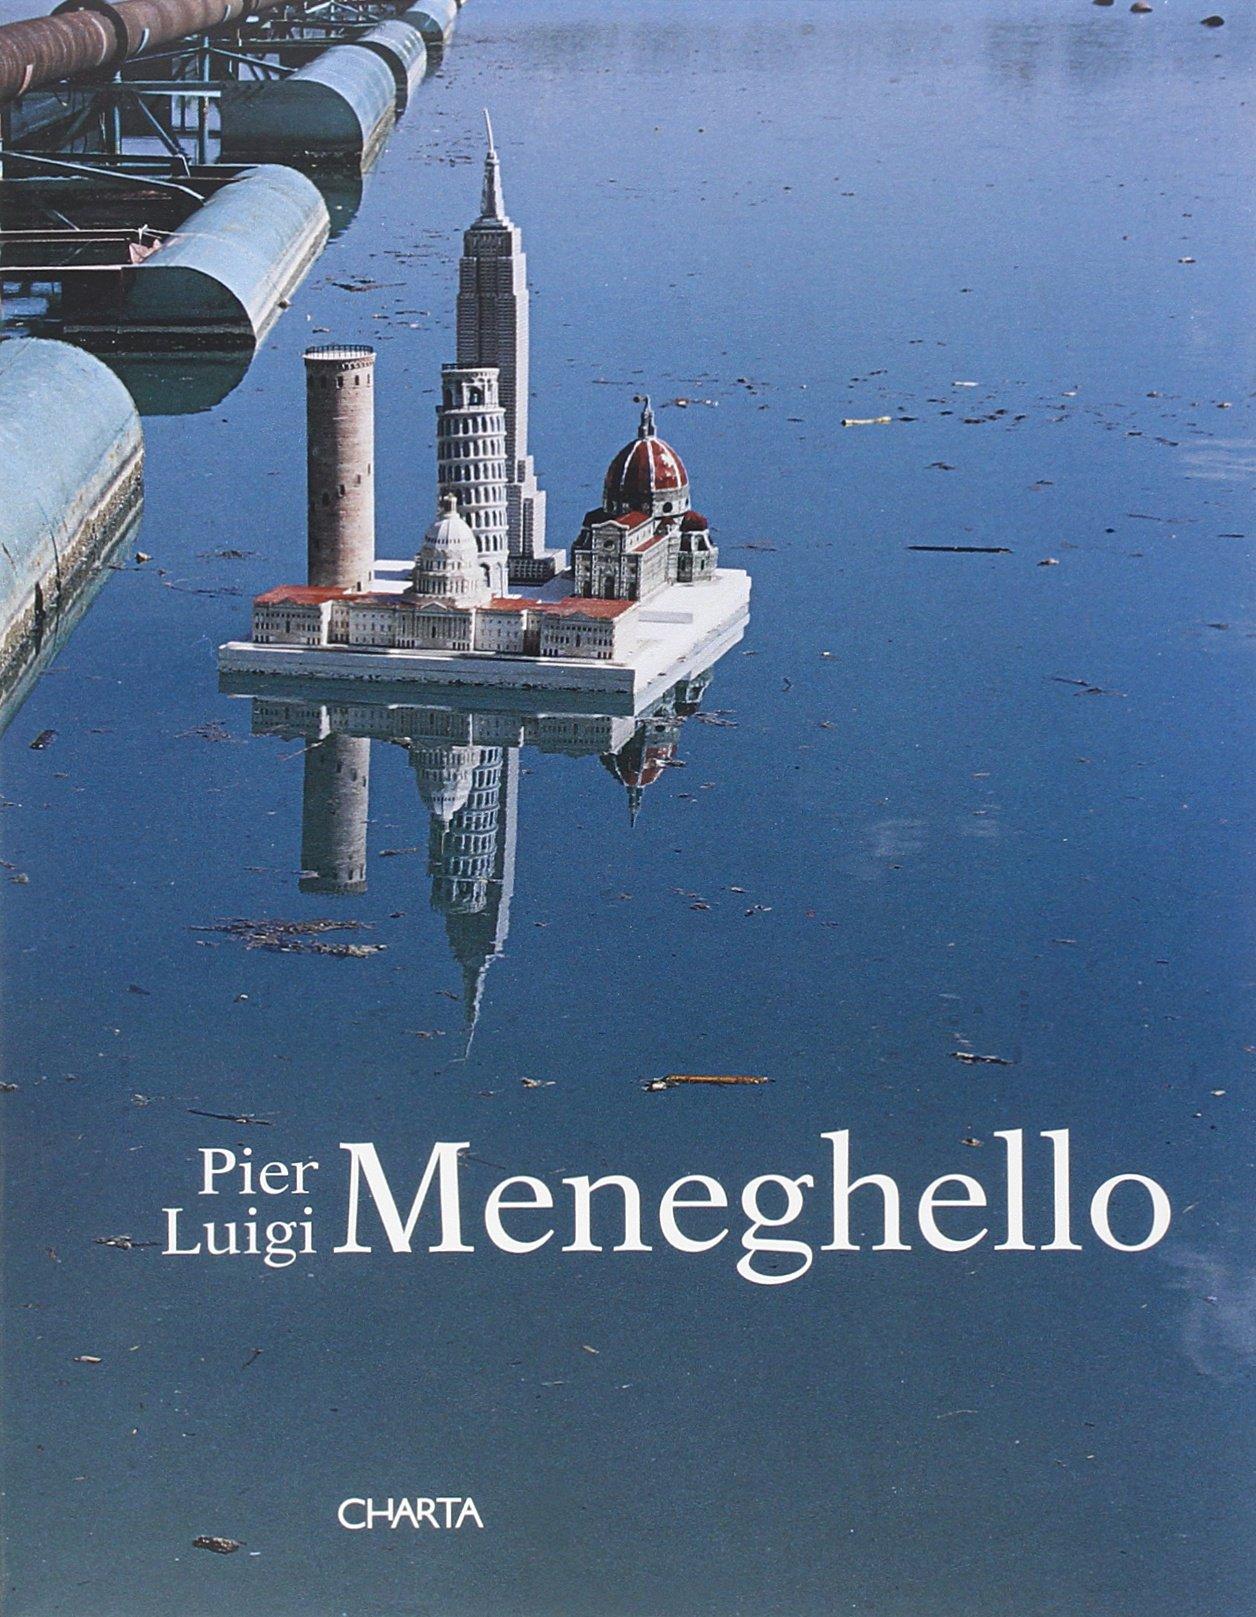 Pier Luigi Meneghello